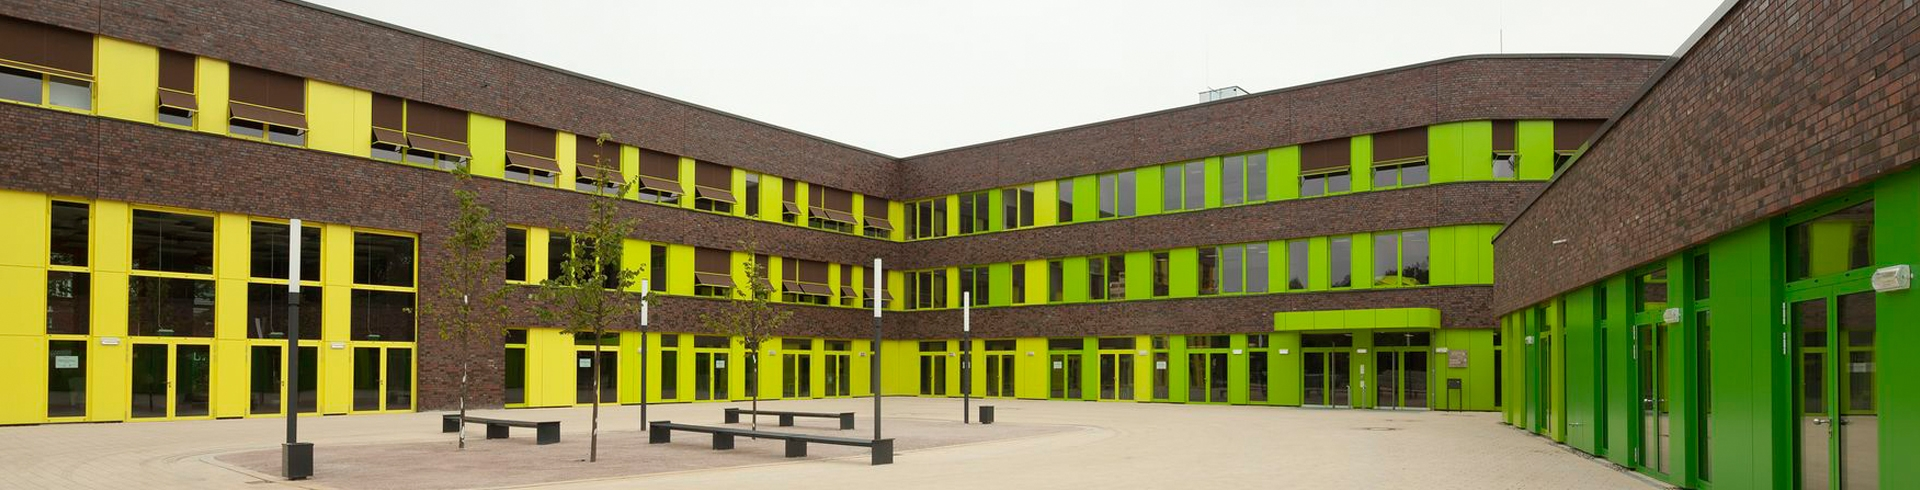 öpp Kinderzentrum Wentorf Otto Wulff Gmbh